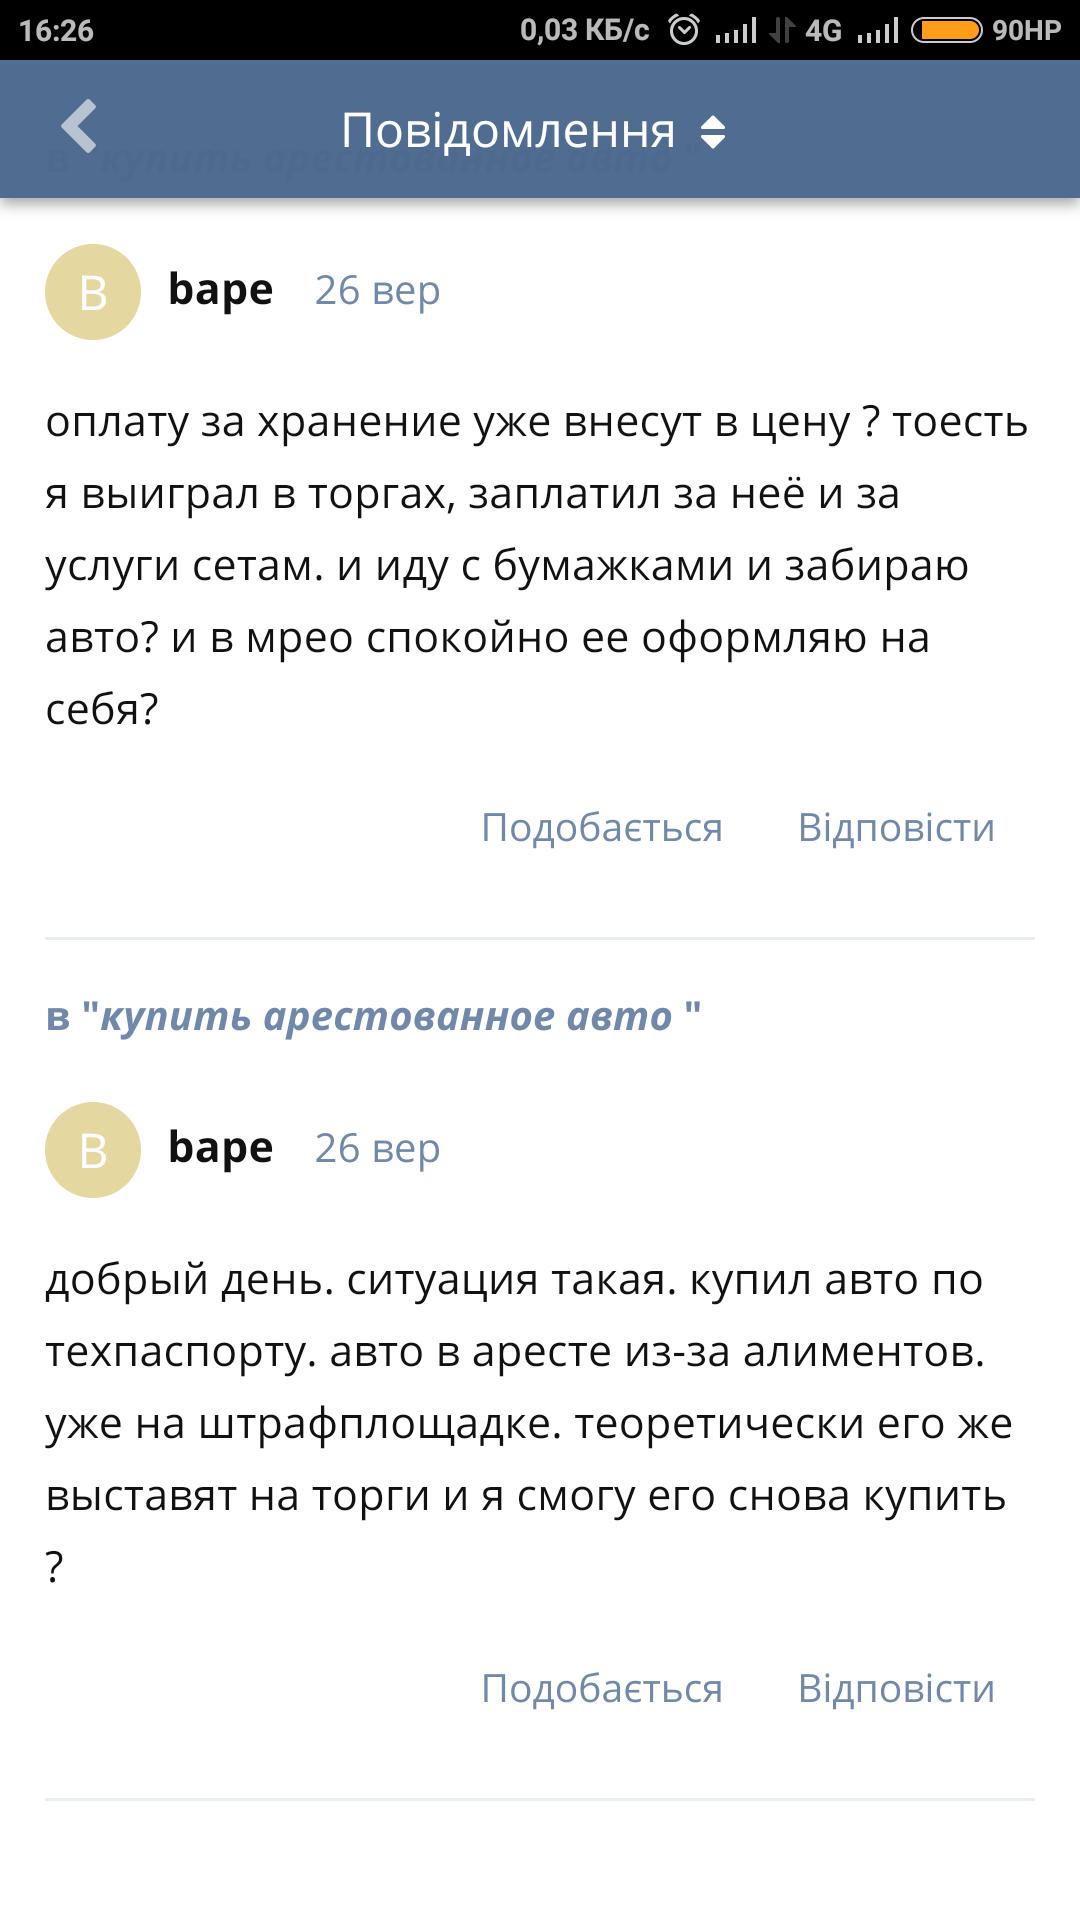 image http://forum.setam.net.ua/assets/images/517-Am56QyPqhXEfDPEx.png